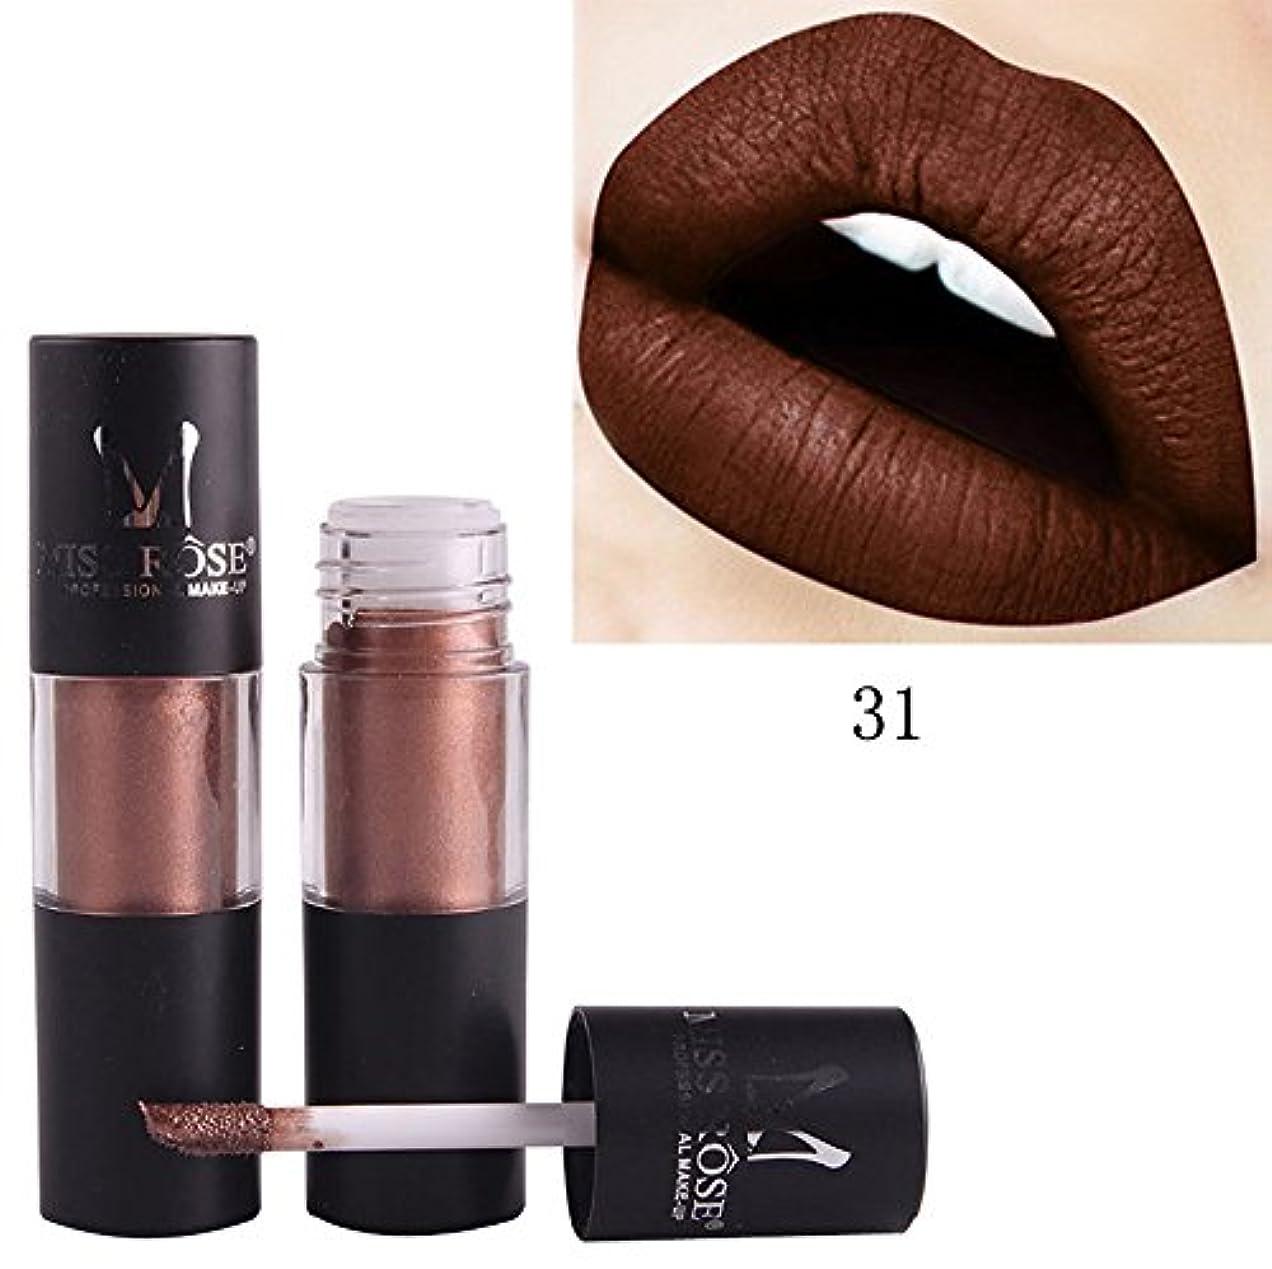 マインドデザイナーポータル口紅 リップグレーズ 液体 リップバーム メタリック 無光沢 リップスティック リキッド 化粧品 美容 リップクリーム つや消し メイク 唇に塗っっていつもよりセクシー魅力を与えるルージュhuajuan (G)